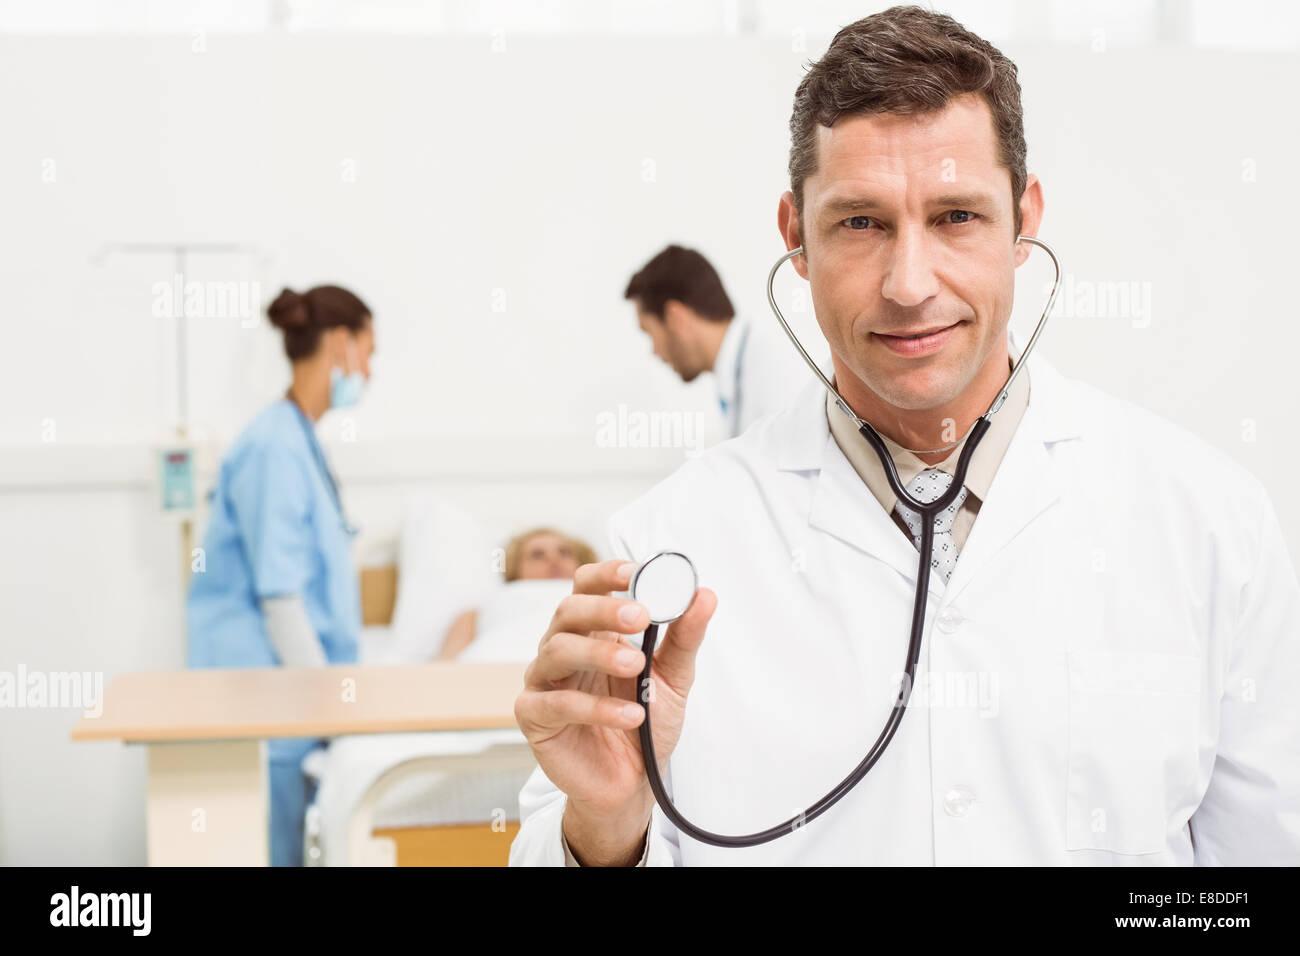 Médecin à l'aide de collègues et patients avec stéthoscope derrière Photo Stock